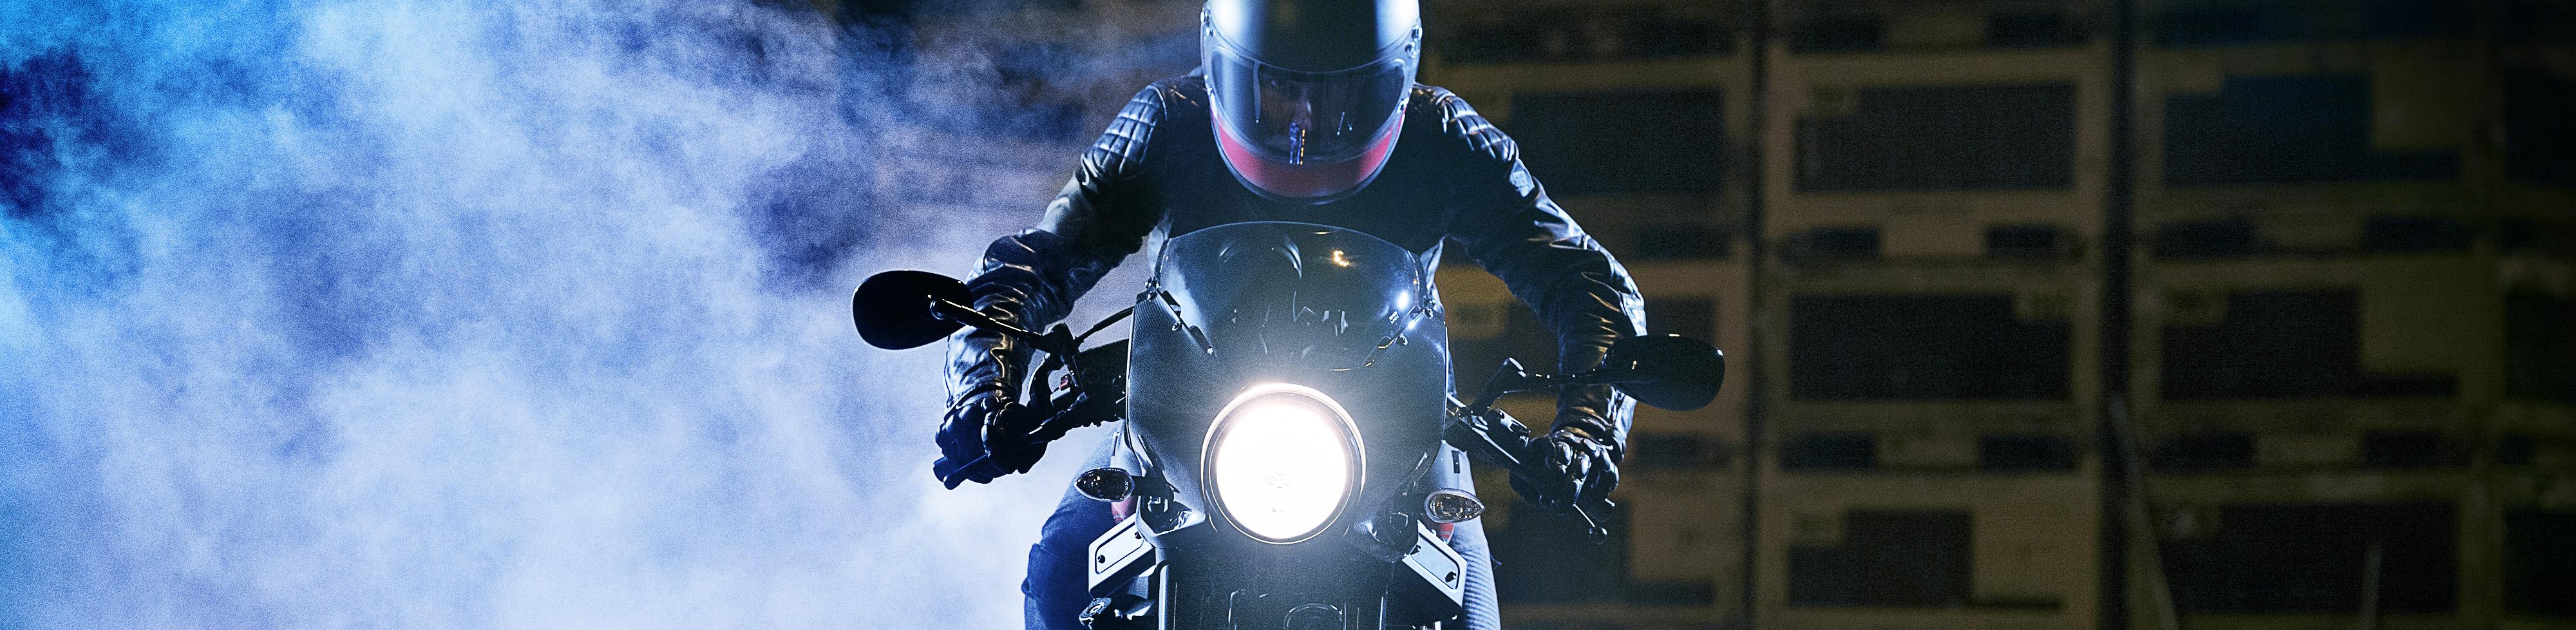 Nieuwe motor kopen | MotorCentrumWest